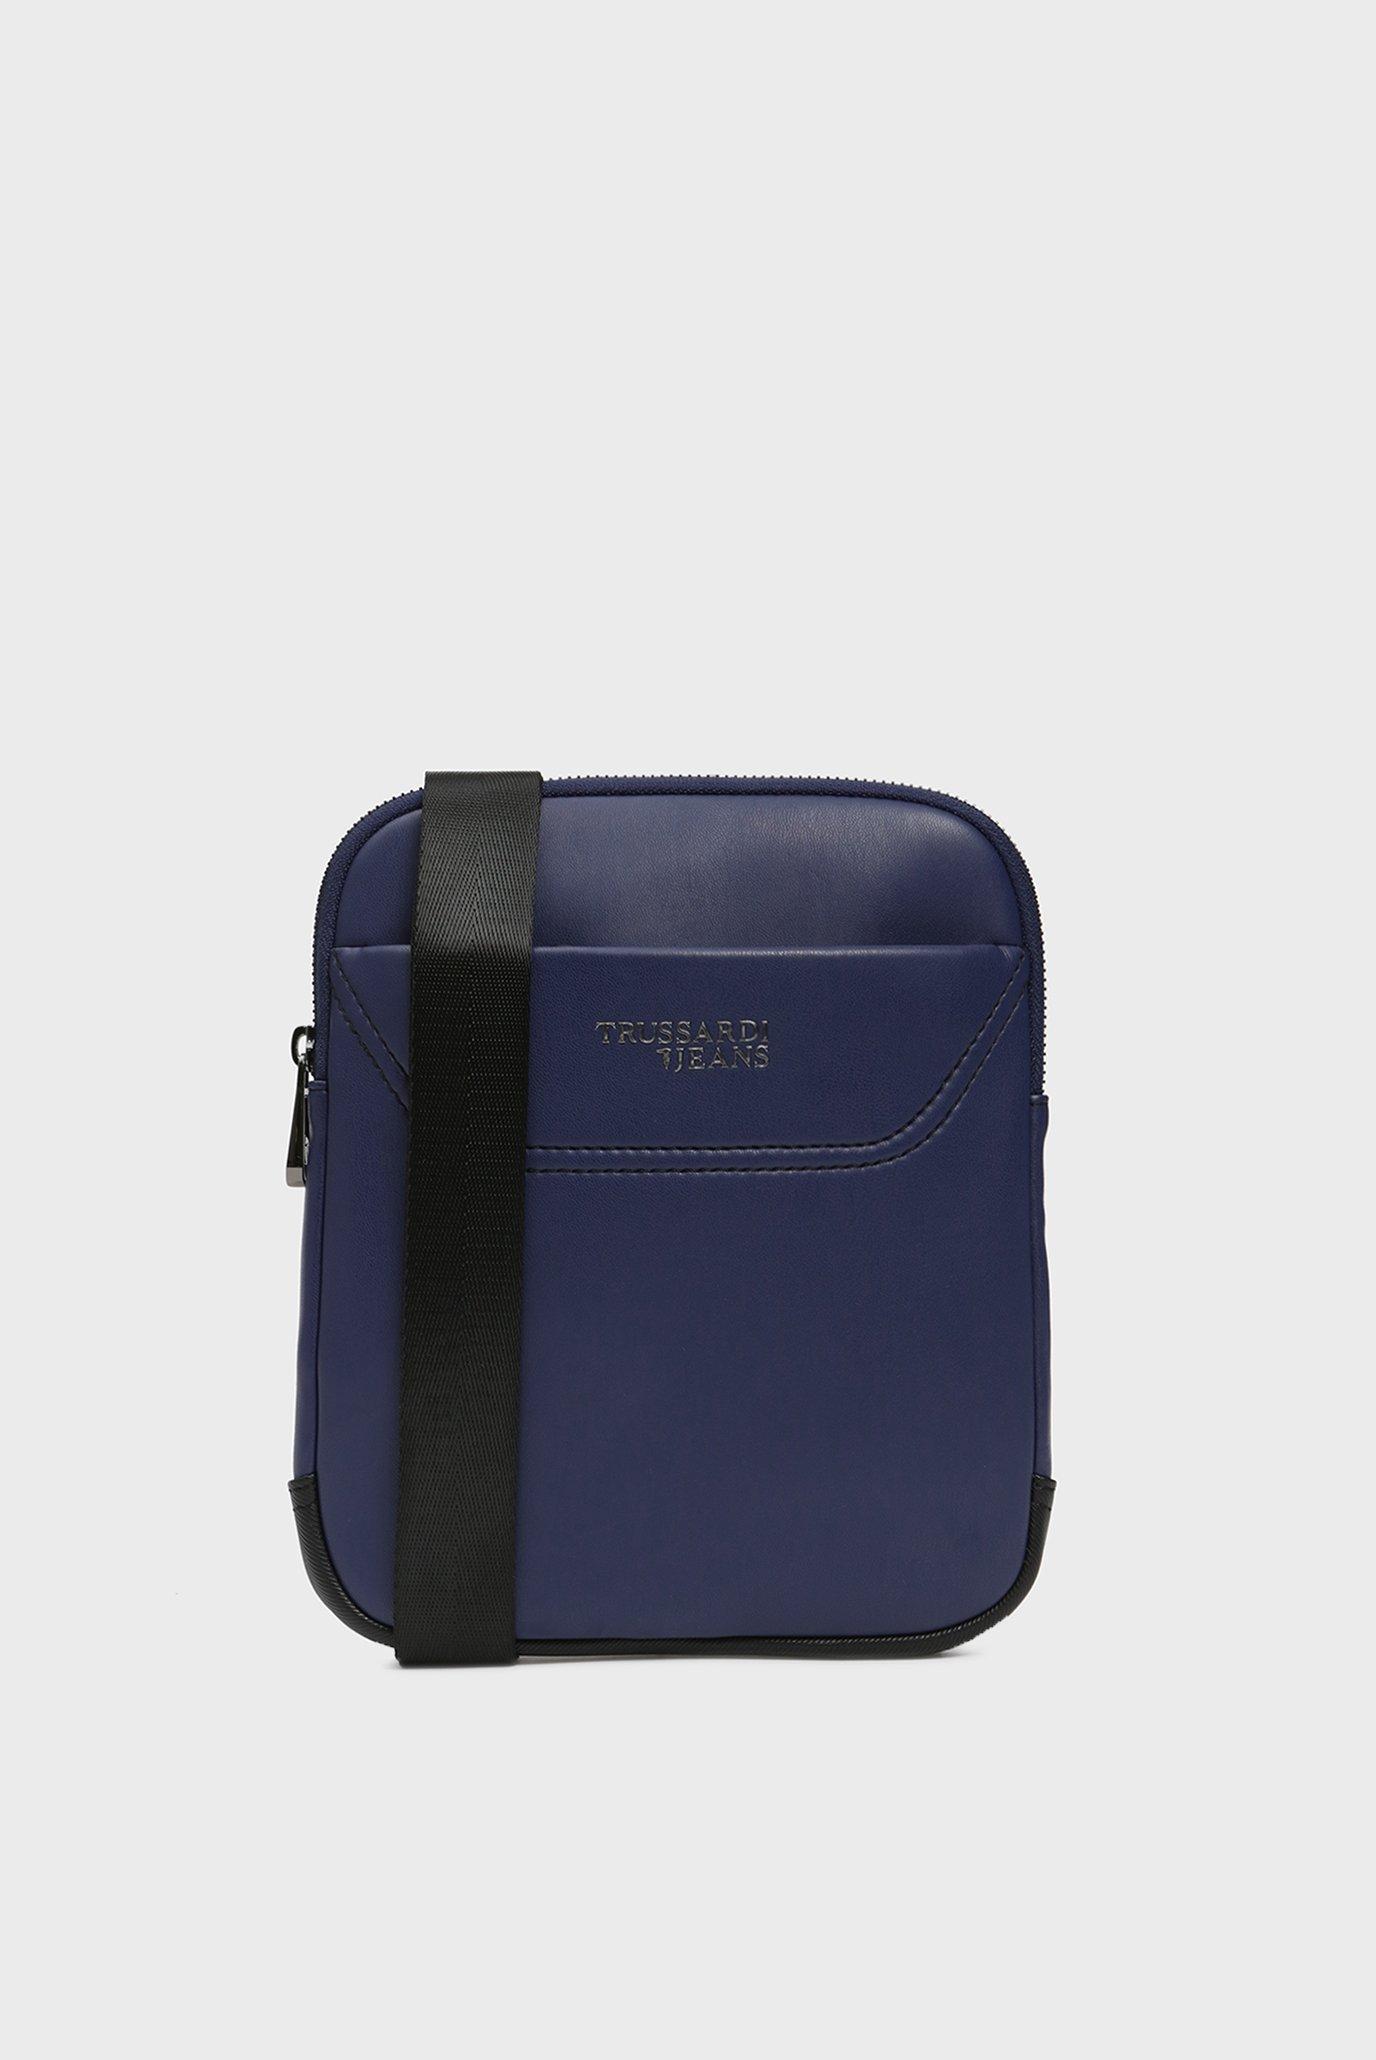 Купить Мужская темно-синяя сумка через плечо BUSINESS CITY Trussardi Jeans Trussardi Jeans 9Y099995/71B00117 – Киев, Украина. Цены в интернет магазине MD Fashion